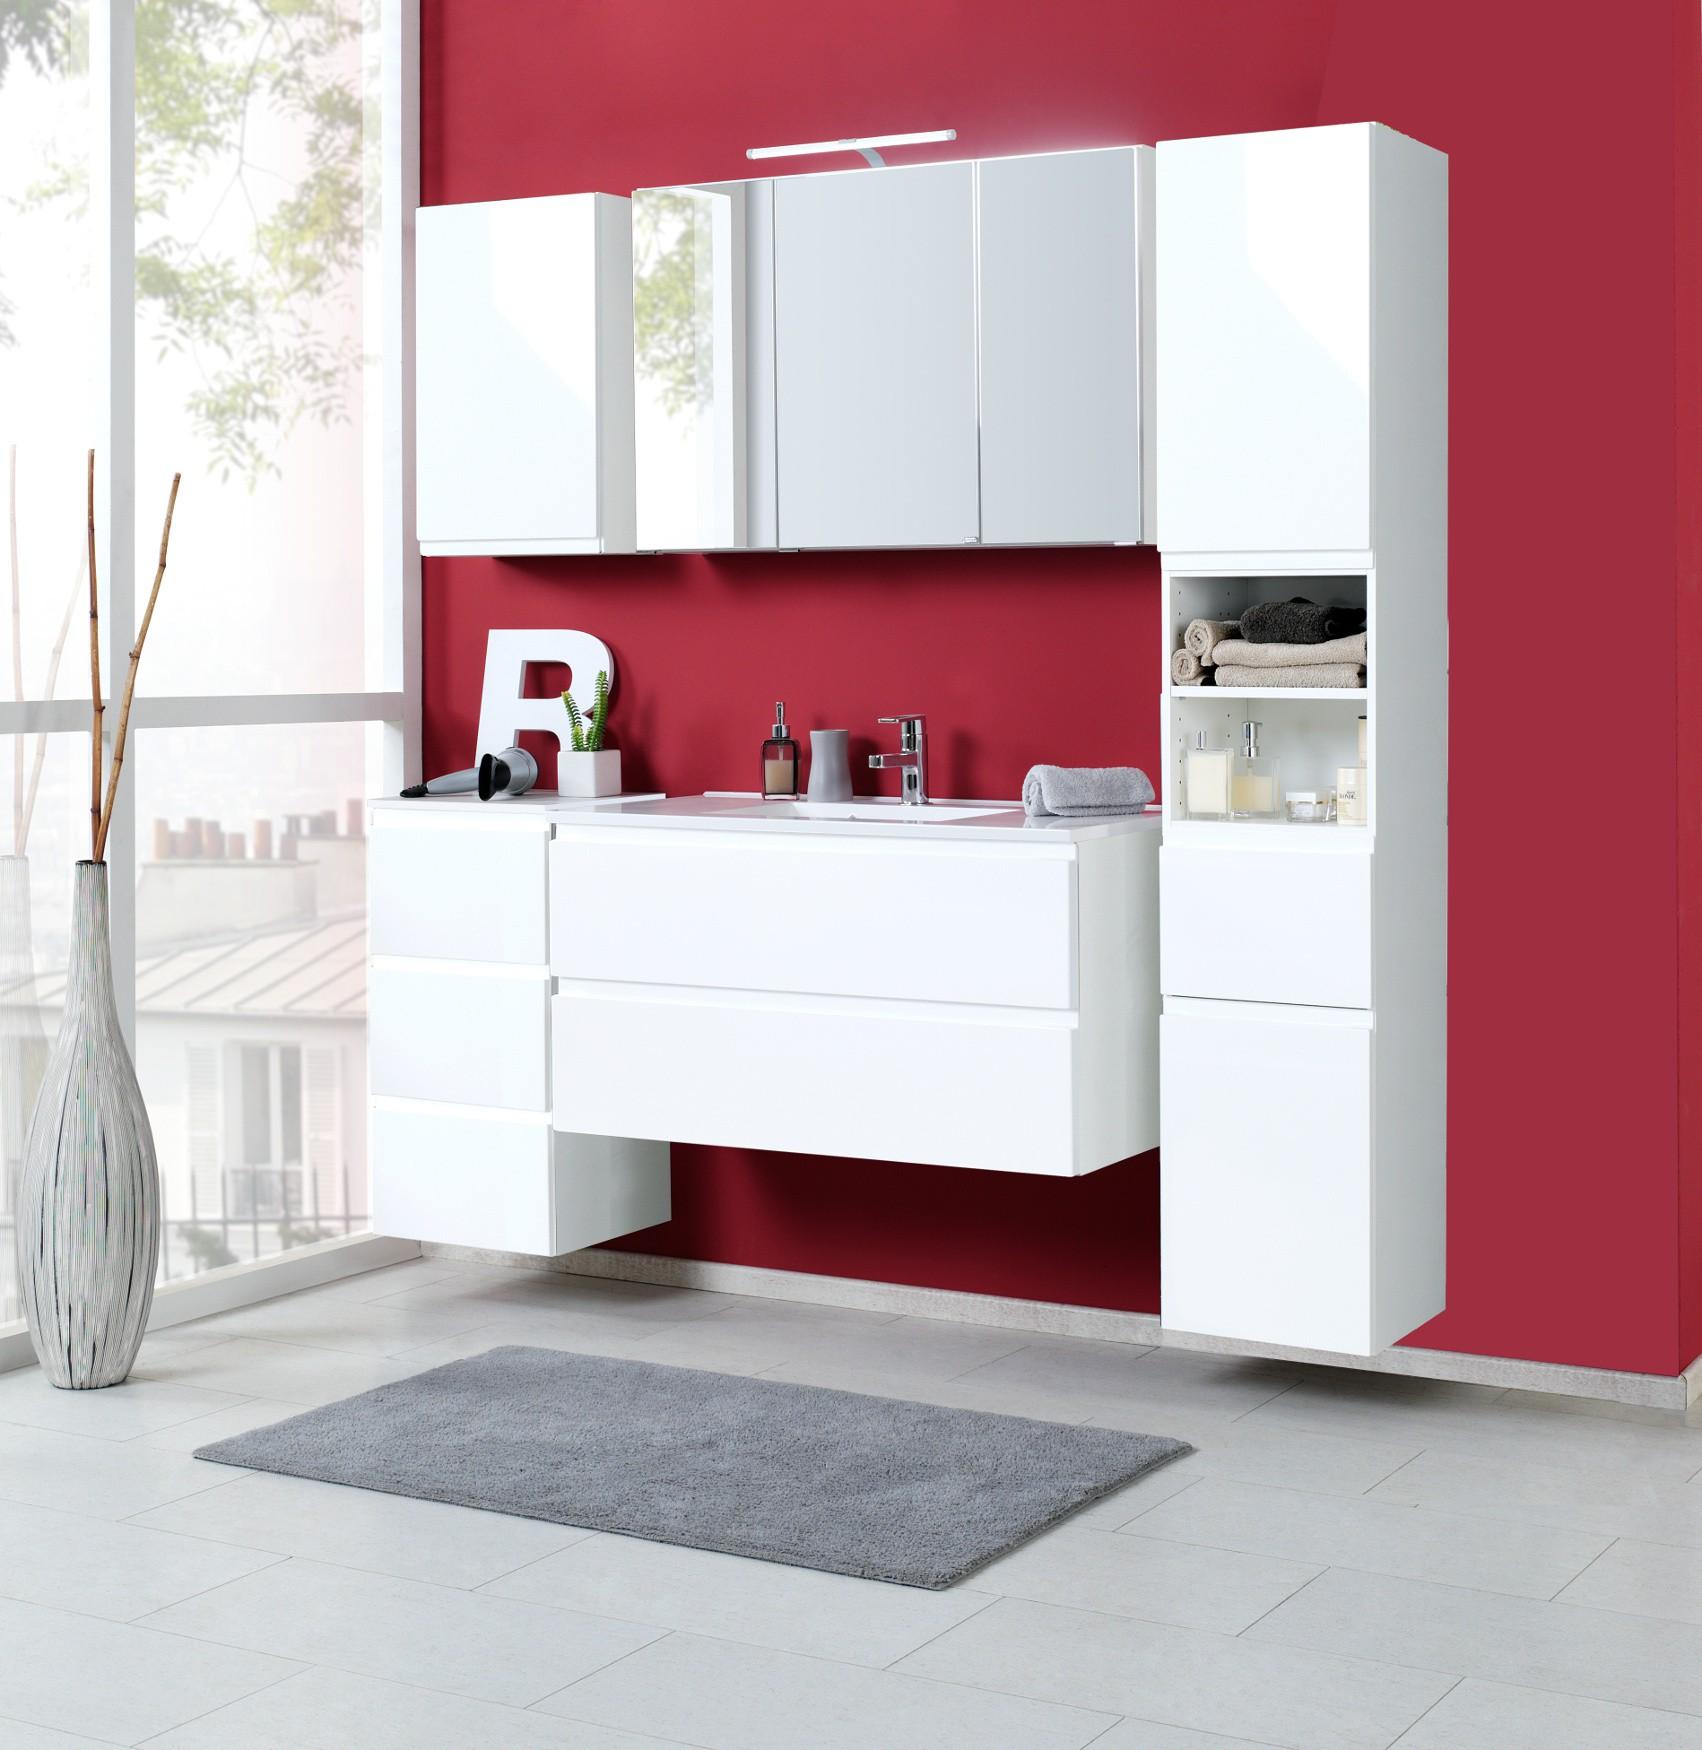 badm bel set cardiff mit waschtisch 7 teilig 180 cm breit hochglanz wei bad badm belsets. Black Bedroom Furniture Sets. Home Design Ideas